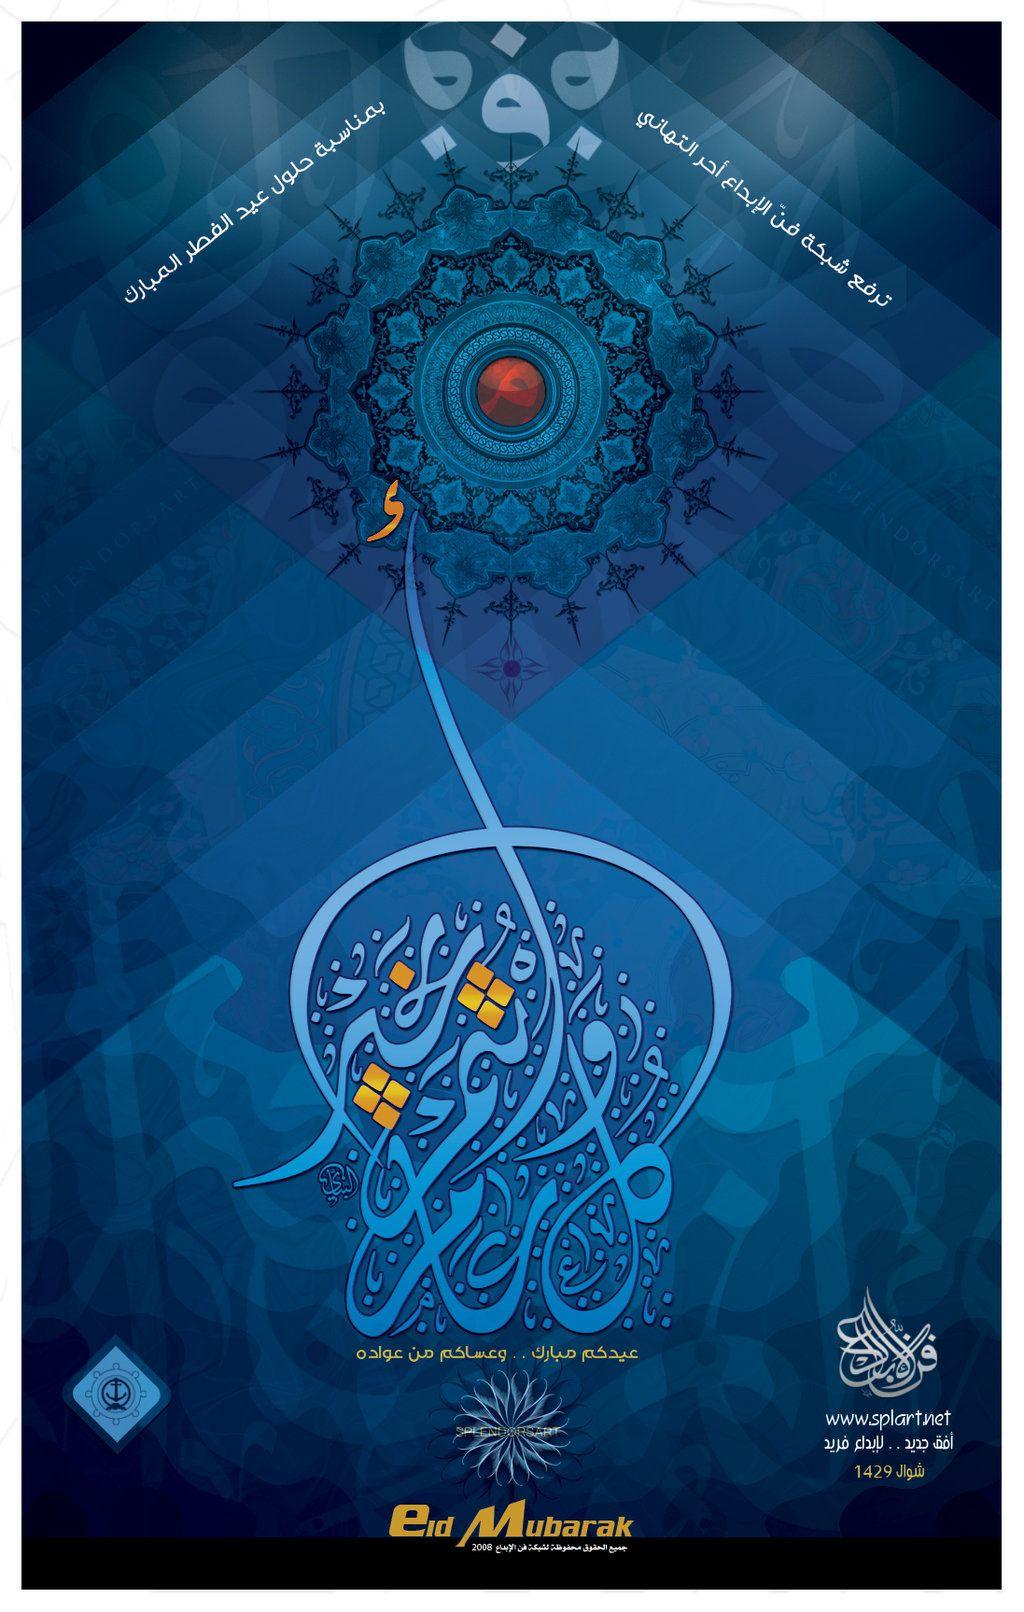 Eid Mubarak 0 Eid Greetings Eid Mubarak Eid